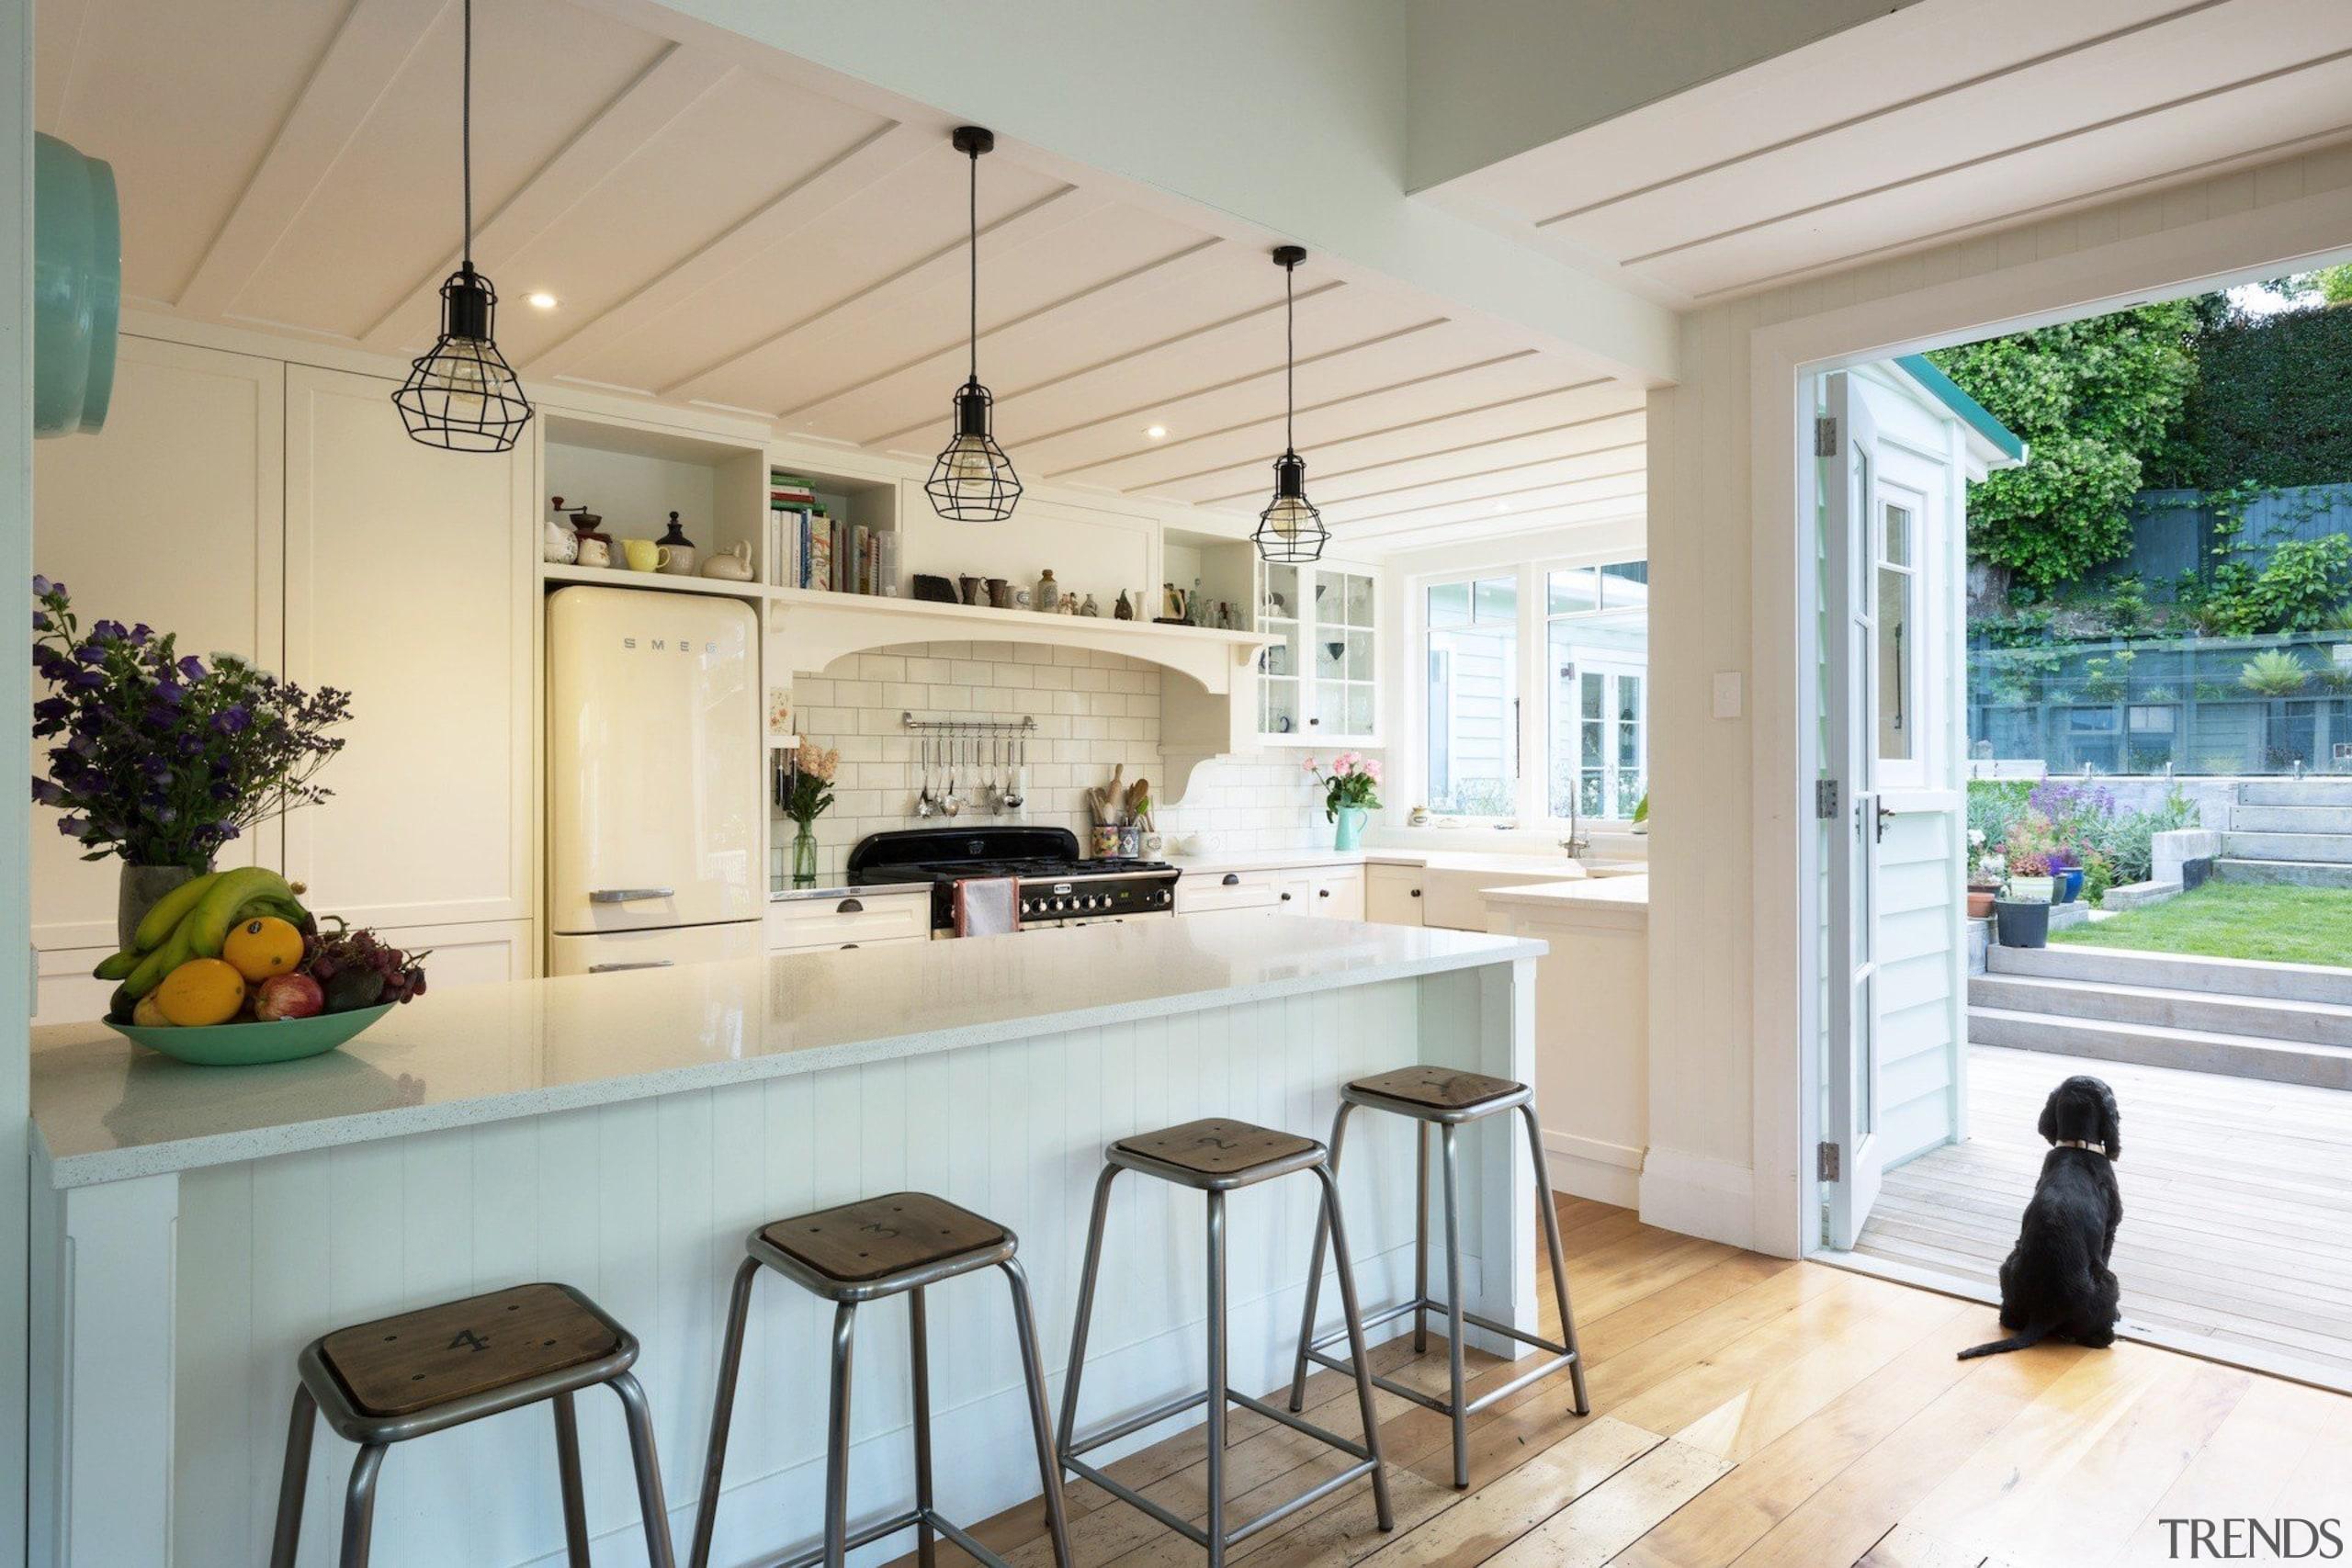 Architecture Smith + Scully –TIDA New Zealand countertop, estate, home, house, interior design, kitchen, real estate, gray